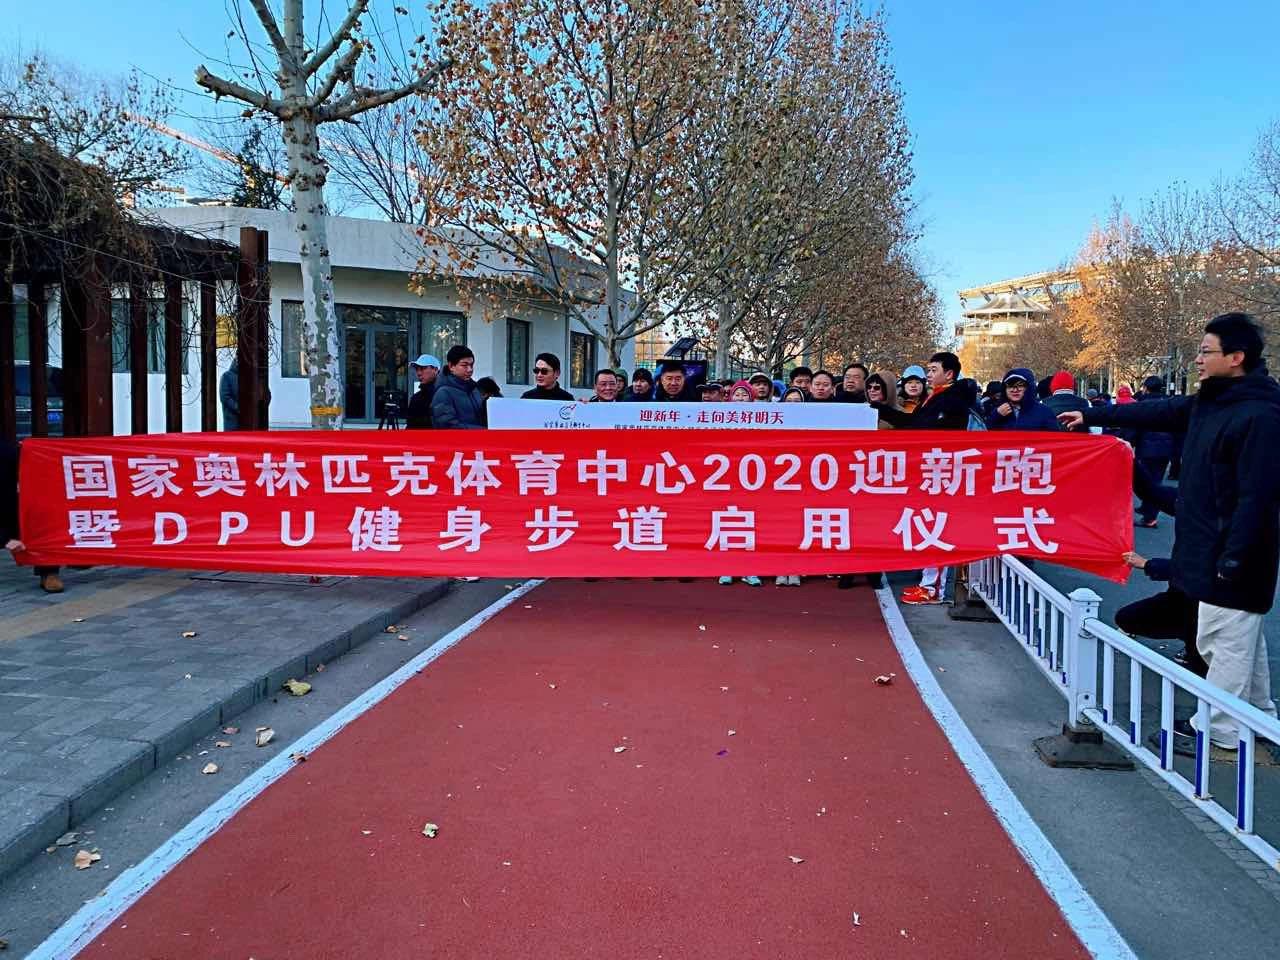 北京奧體中心DPU健身步道2